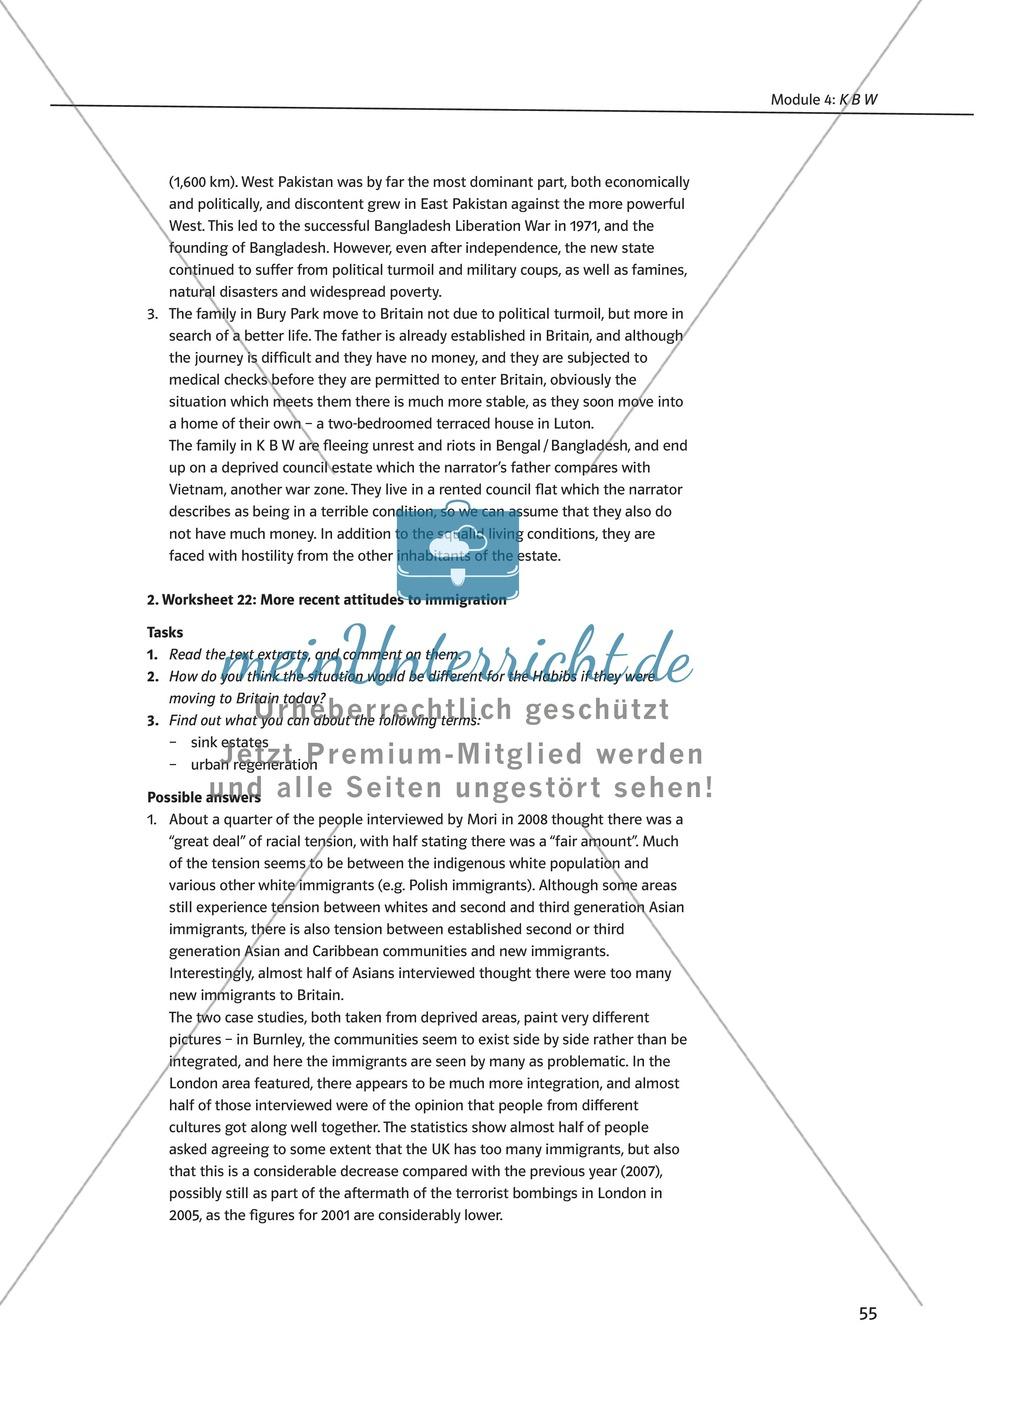 KBW: Zusammenfassung + Aufgaben + Arbeitsblätter Preview 9